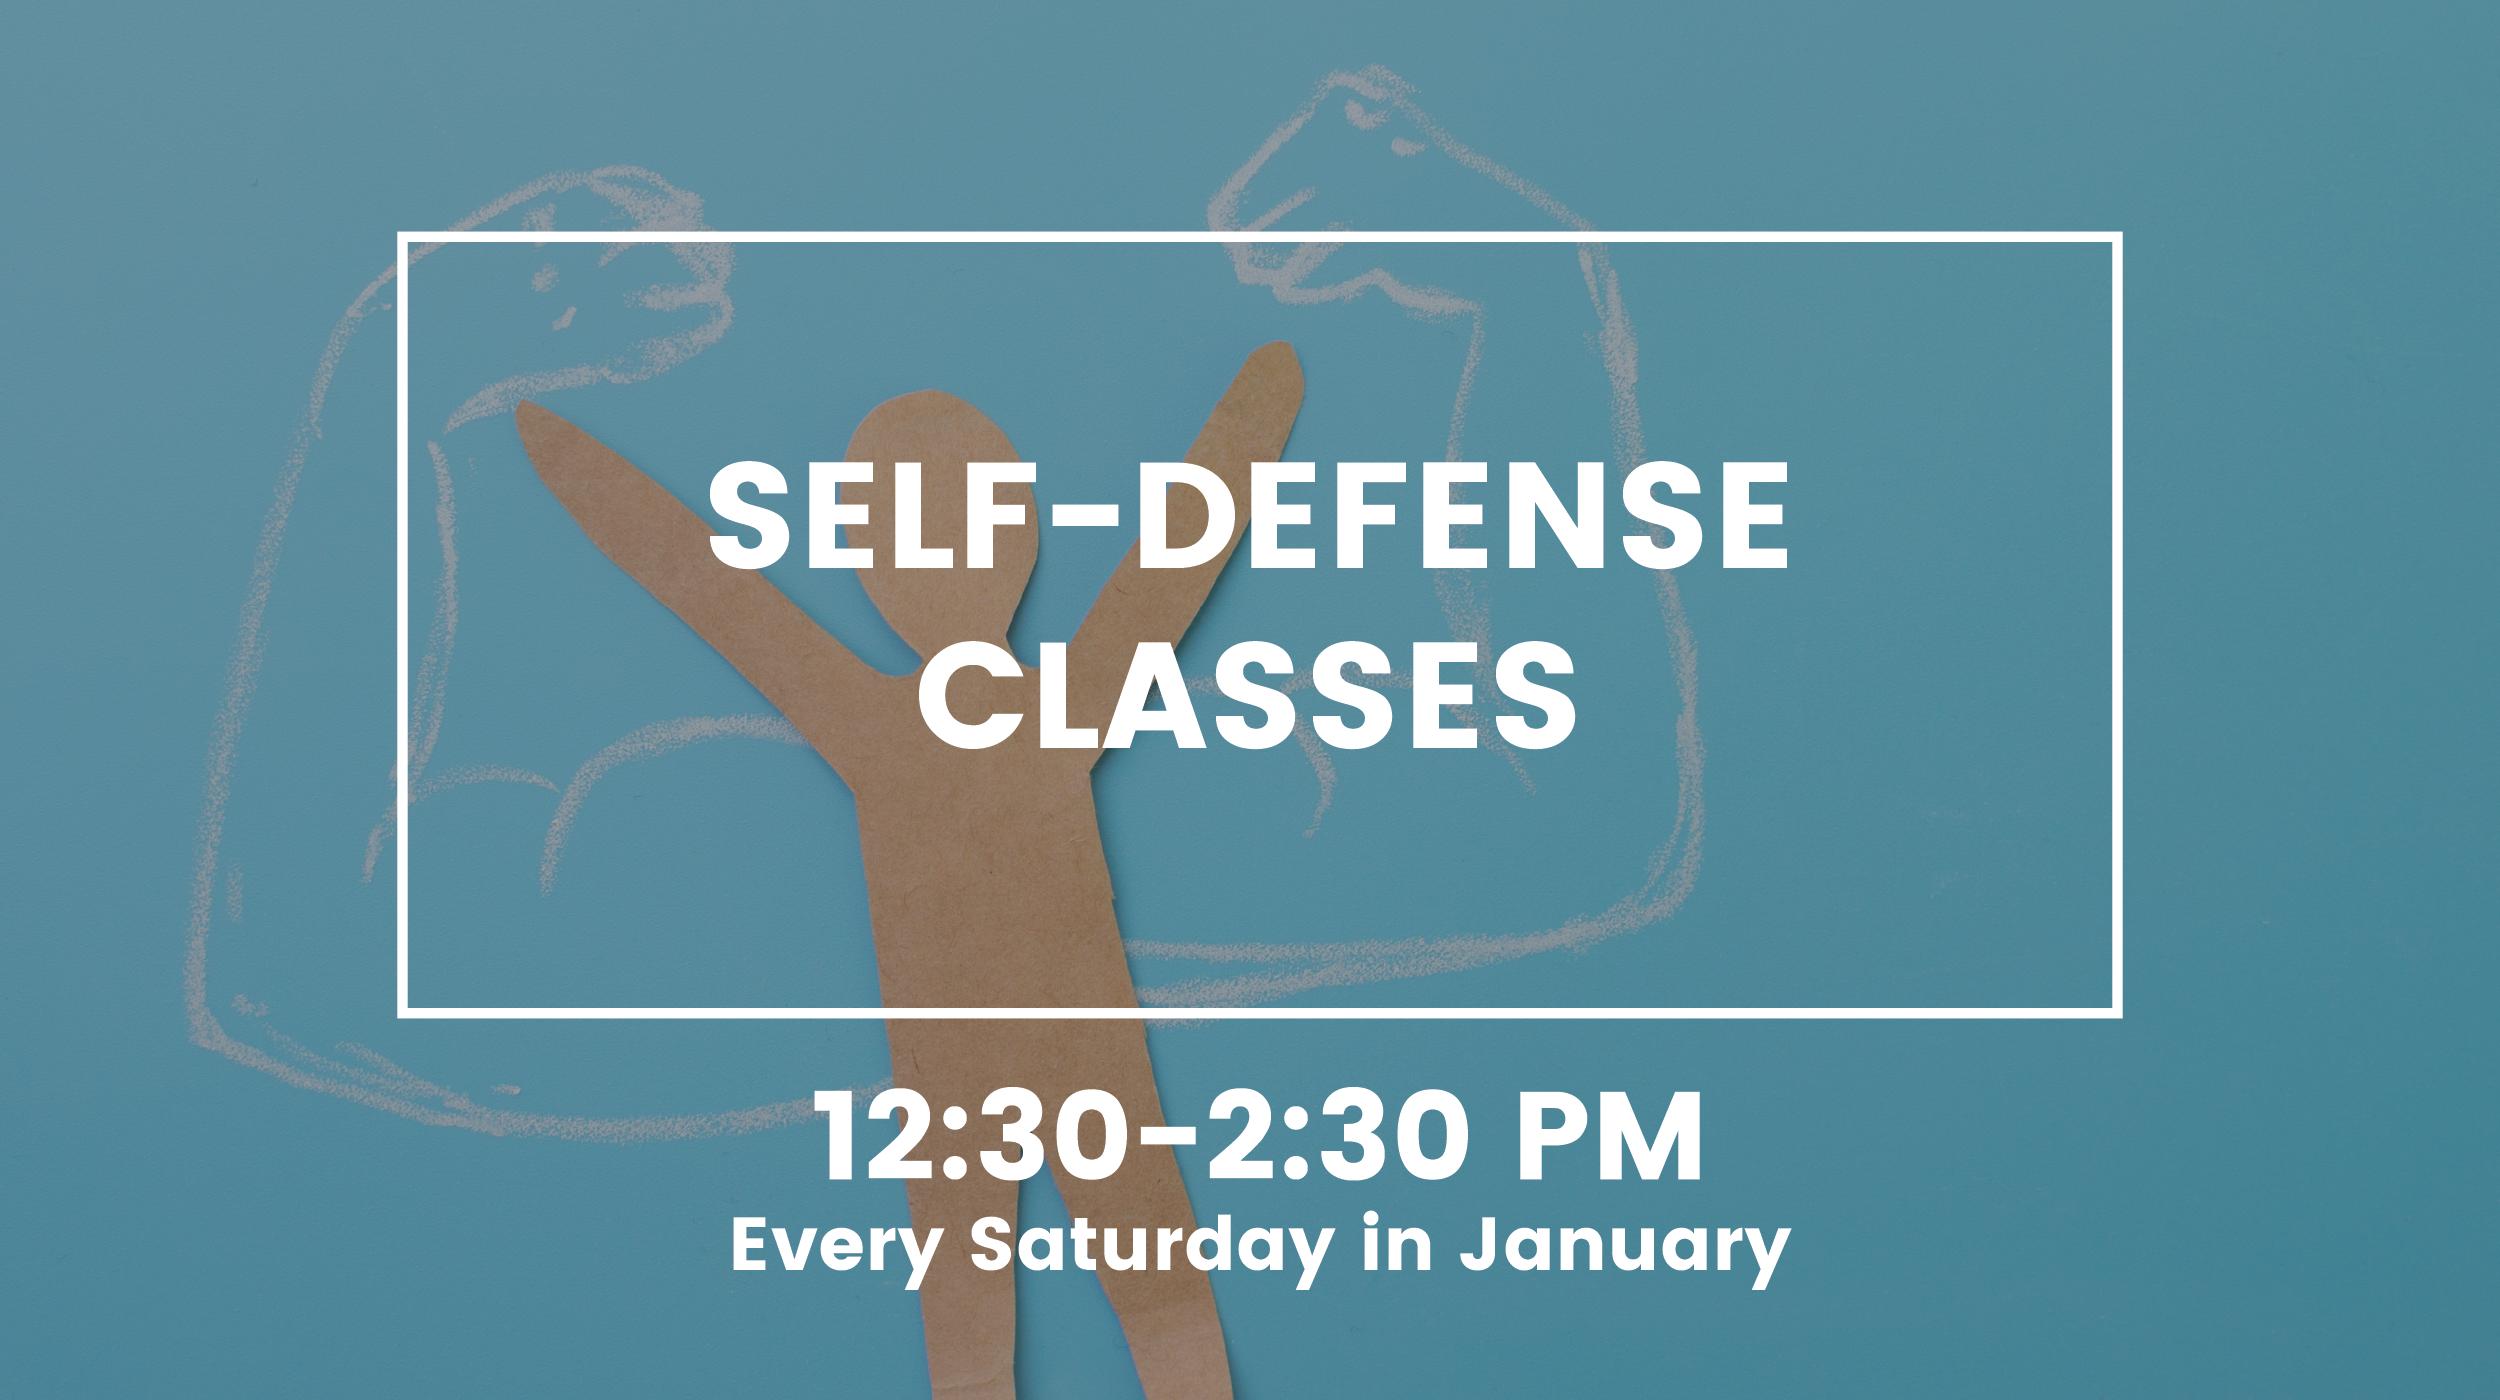 LGBTQ self defense classes